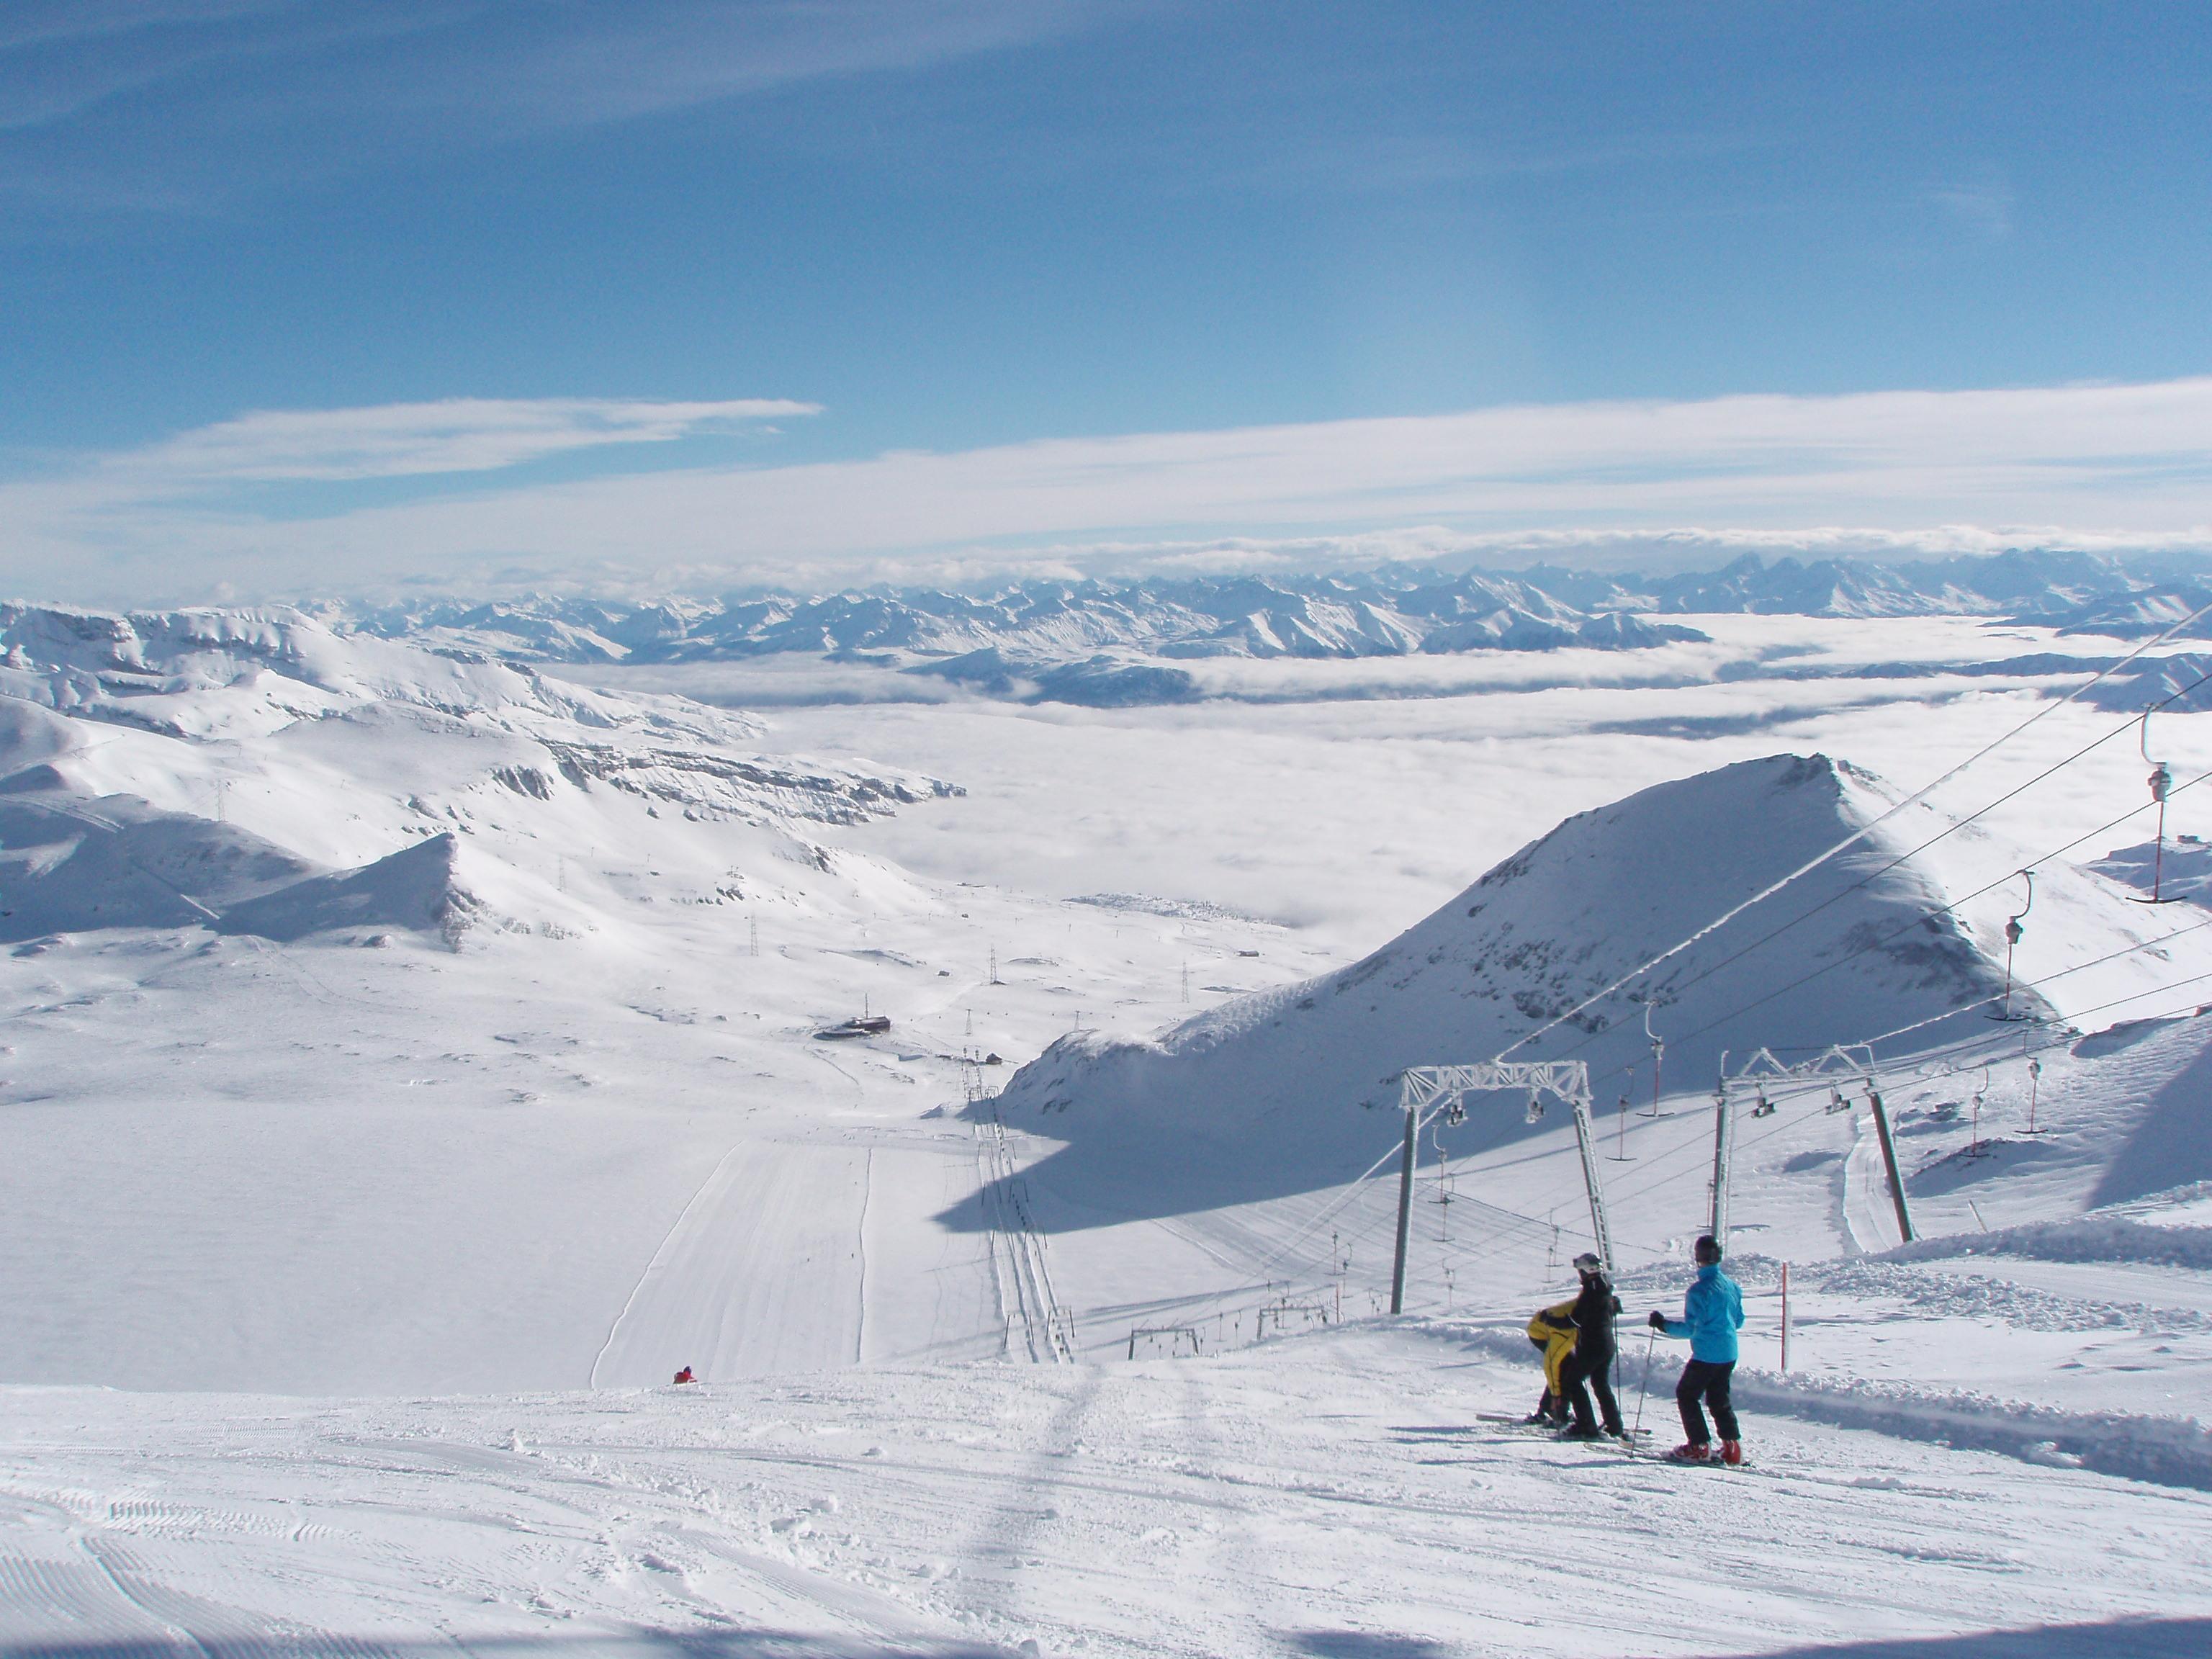 Leere pisten nur für uns alleine skifahrer auf dem vorab gletscher